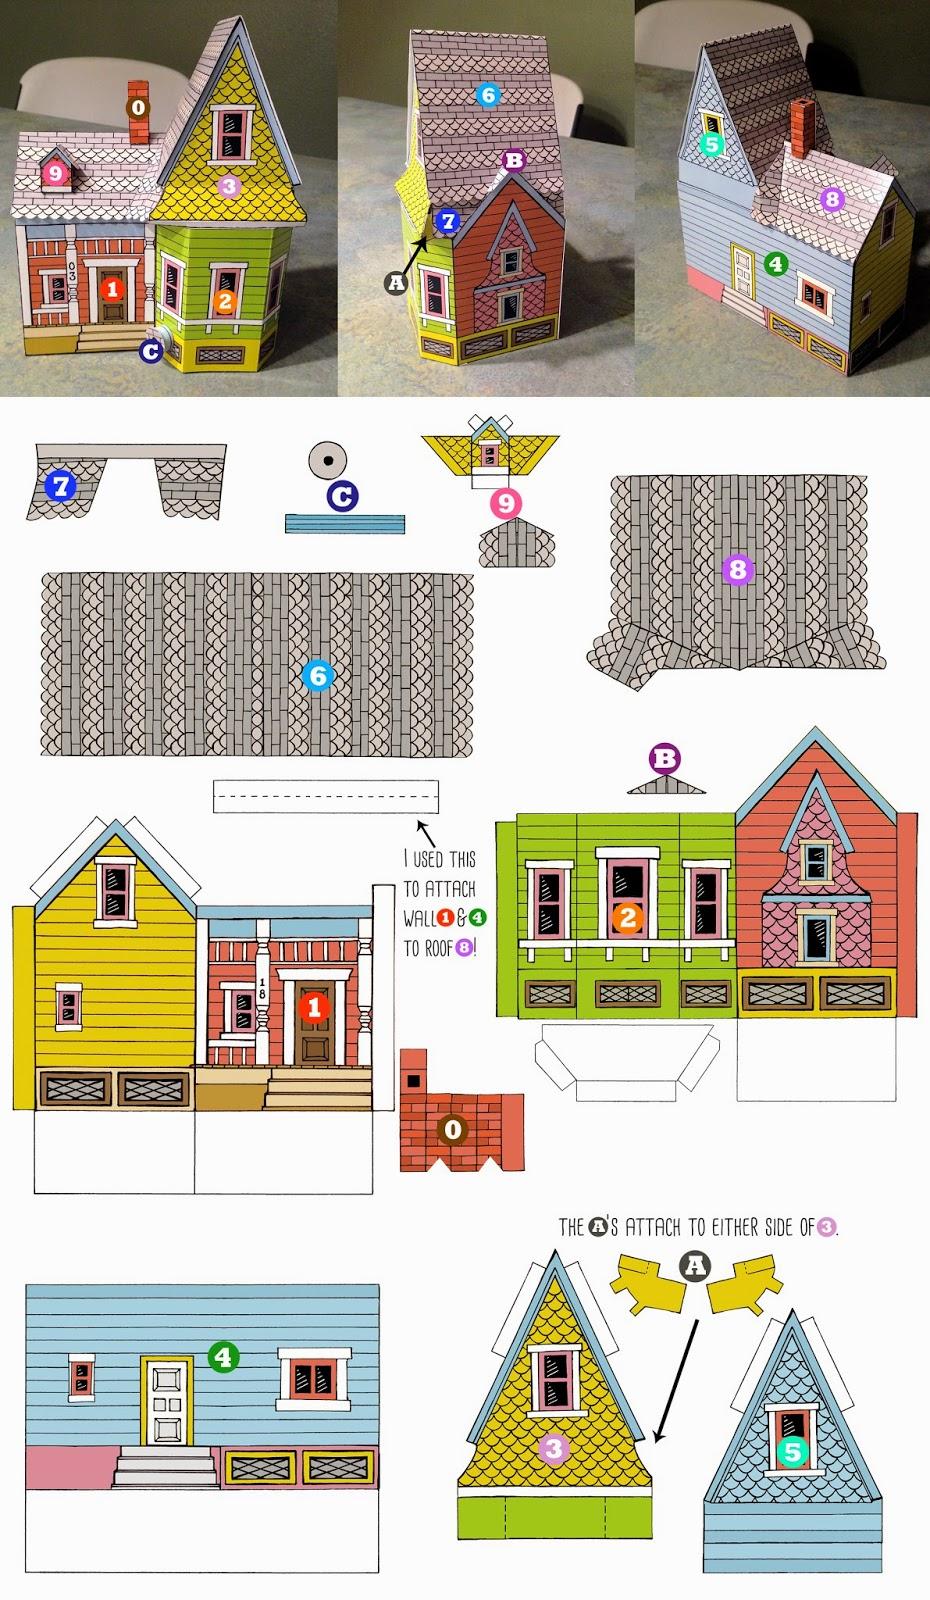 casinhas de papel dicas printable freebie da semana cantinho do blog. Black Bedroom Furniture Sets. Home Design Ideas